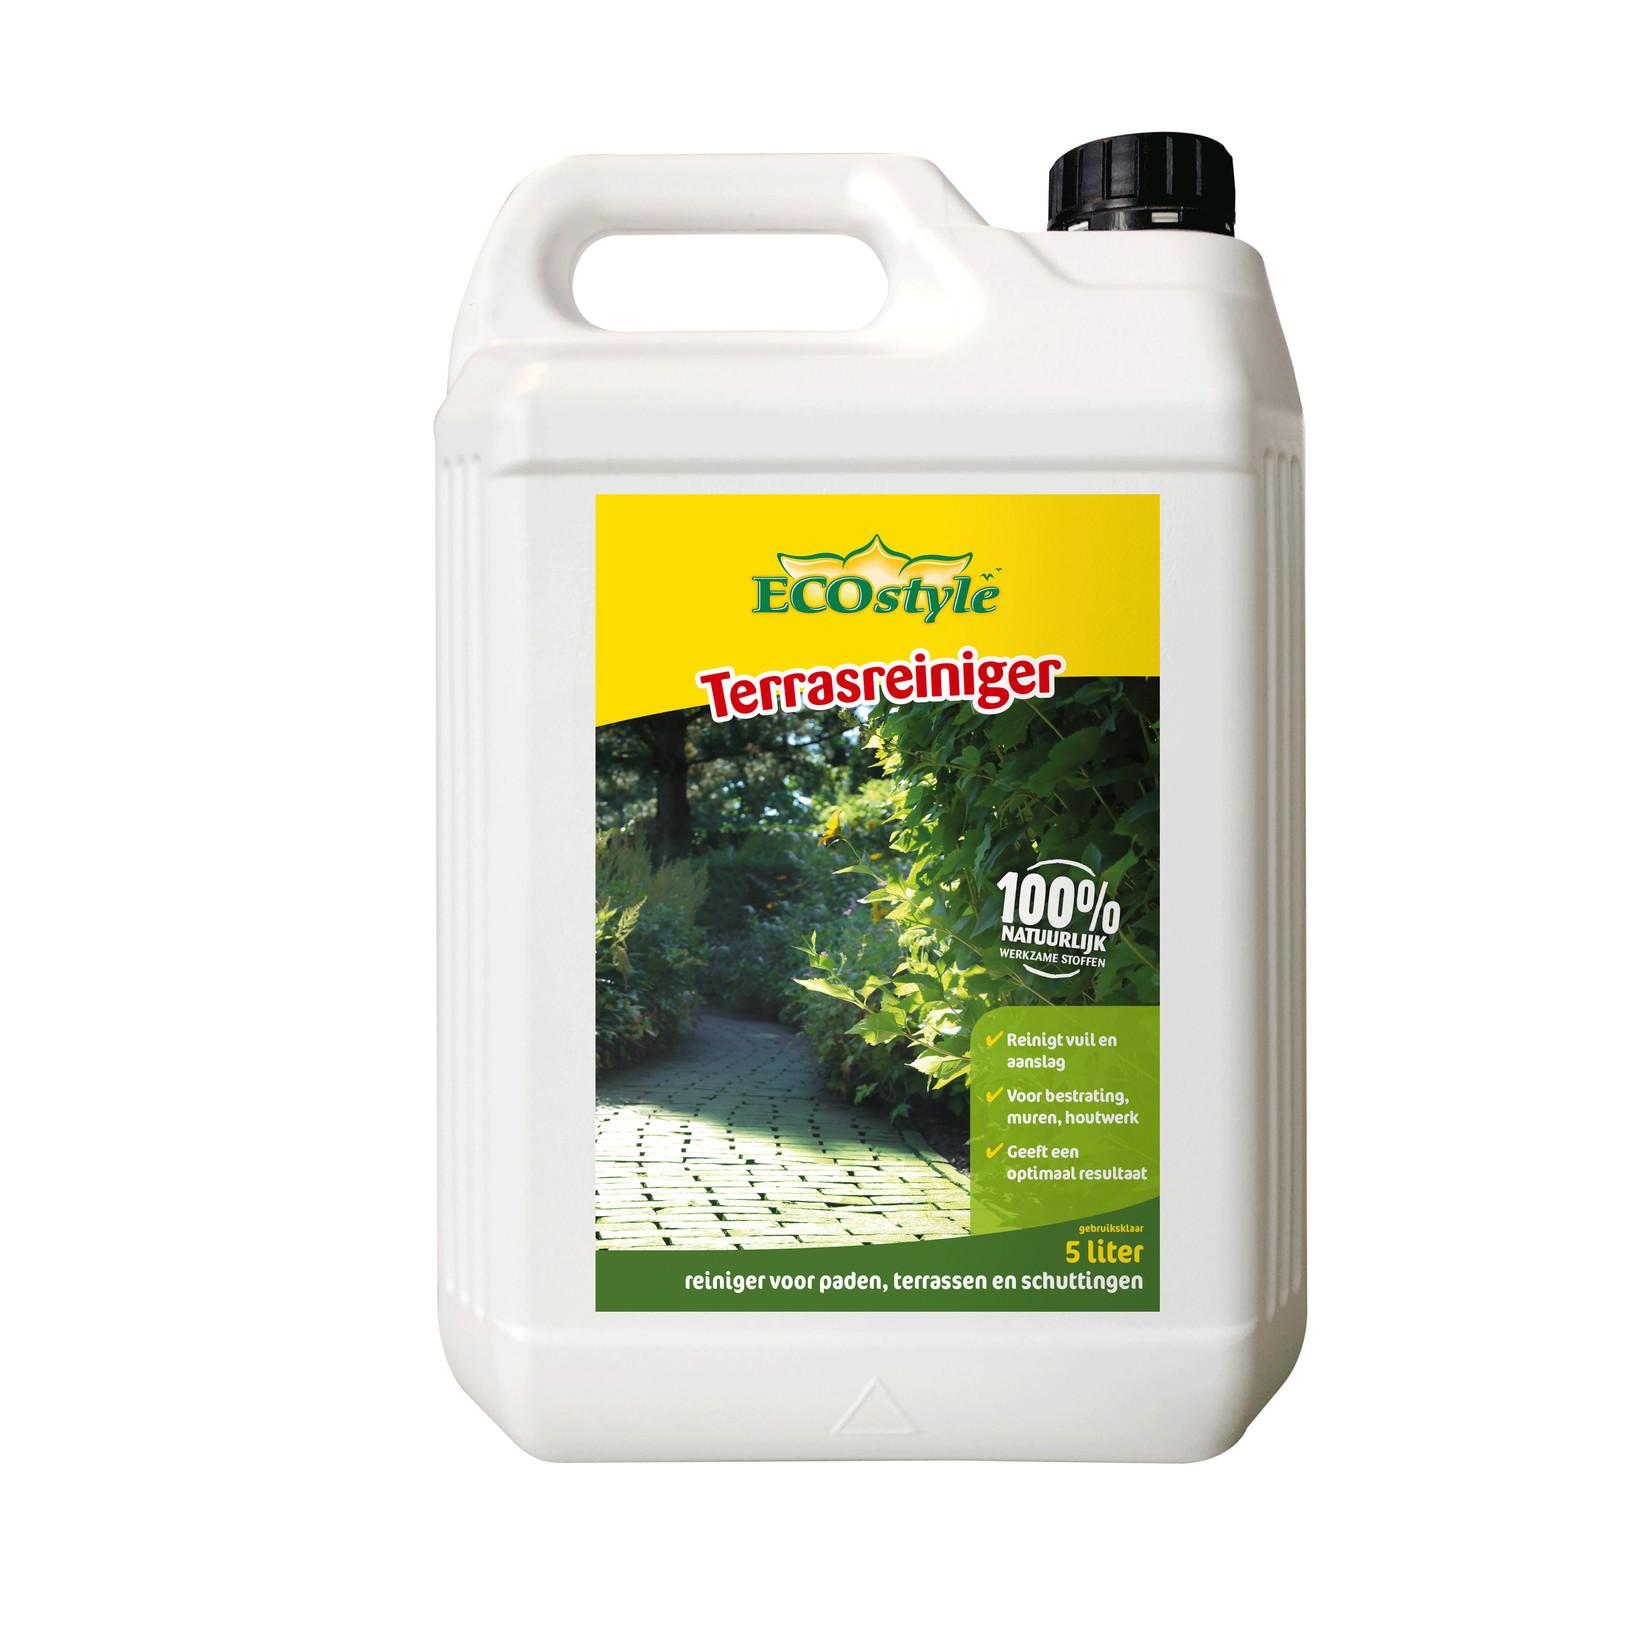 Ecostyle Terrasreiniger gebruiksklaar 5 liter (50 m²)